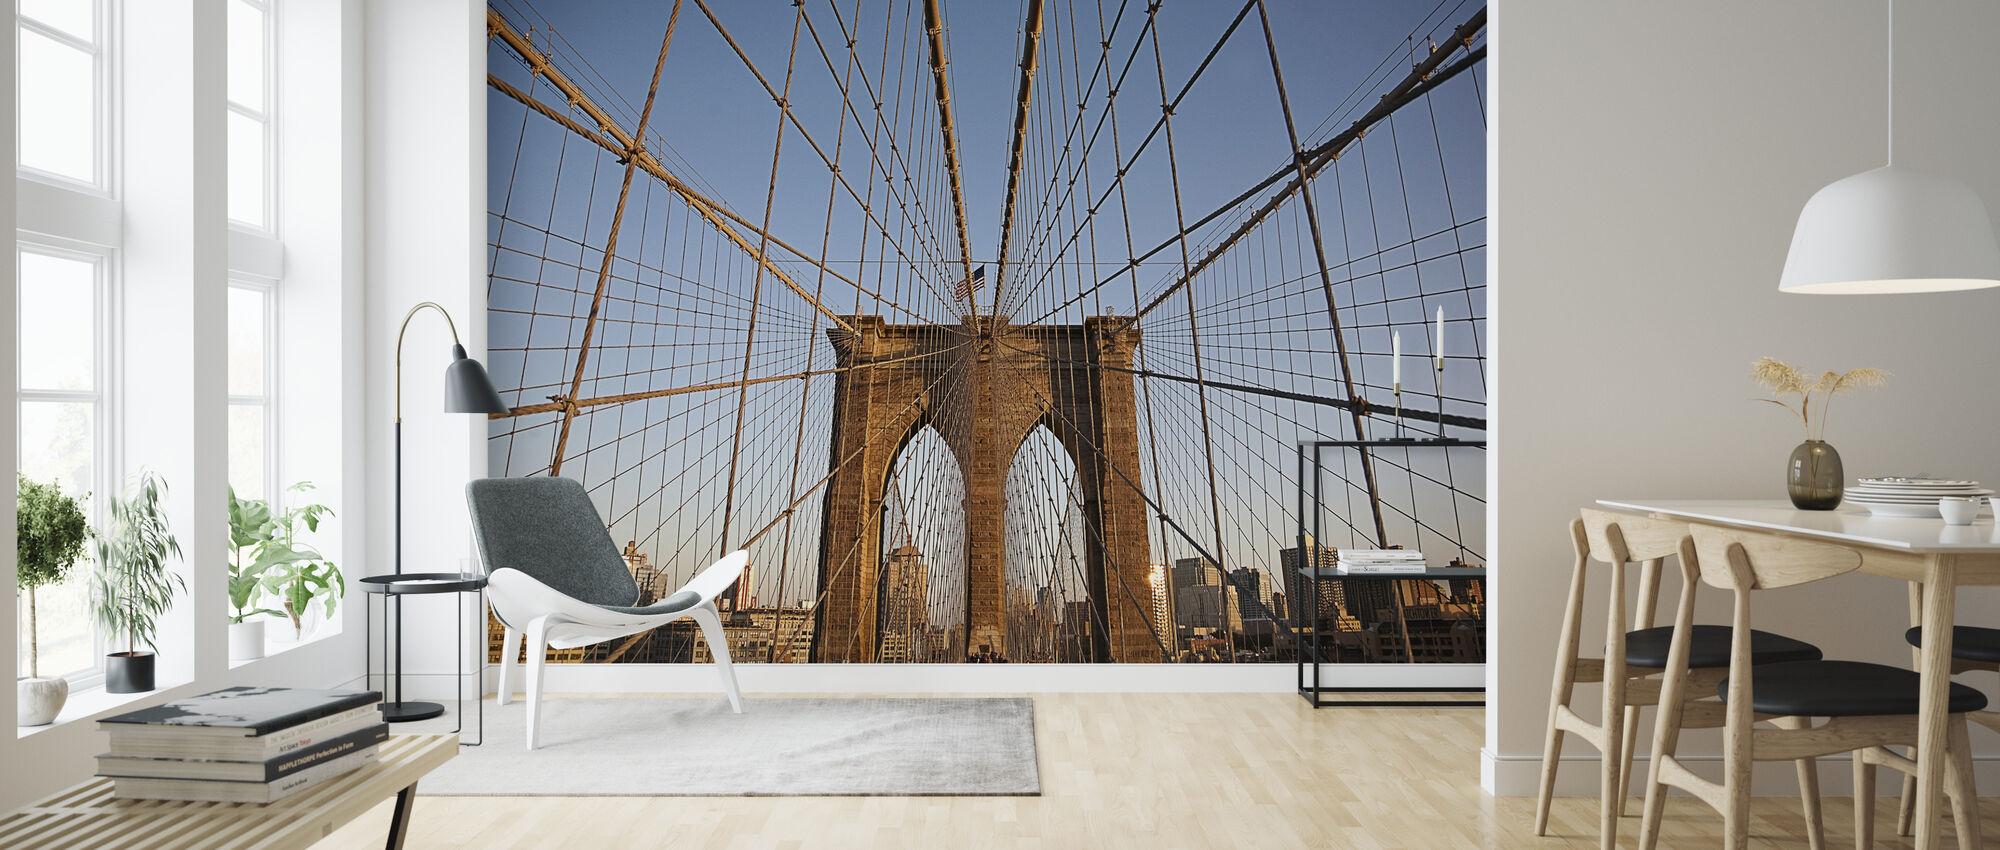 Suspension Ledninger på Urban Bridge - Tapet - Stue